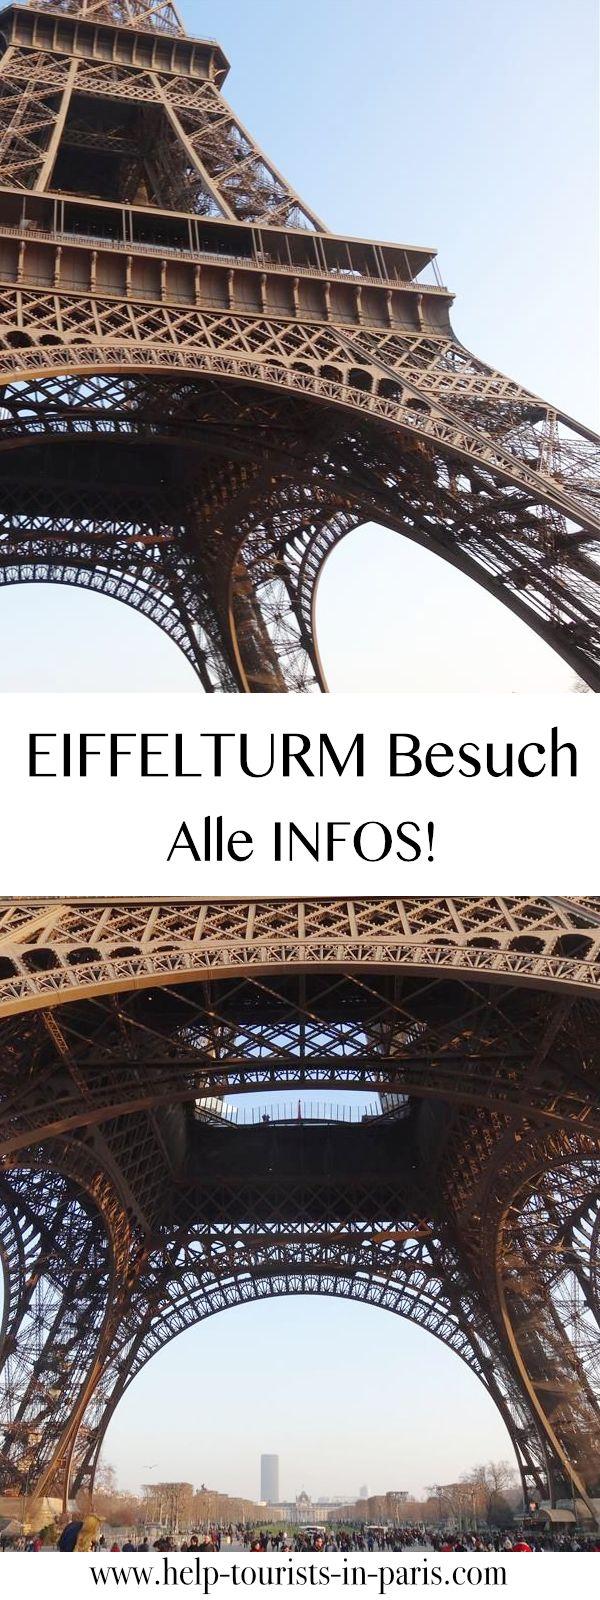 Nützliche Tipps und Infos für deinen Eiffelturm Besuch. Inkl. Öffnungszeiten, Preise, Eintritt und Sicherheitsvorschriften für den Eiffelturm.